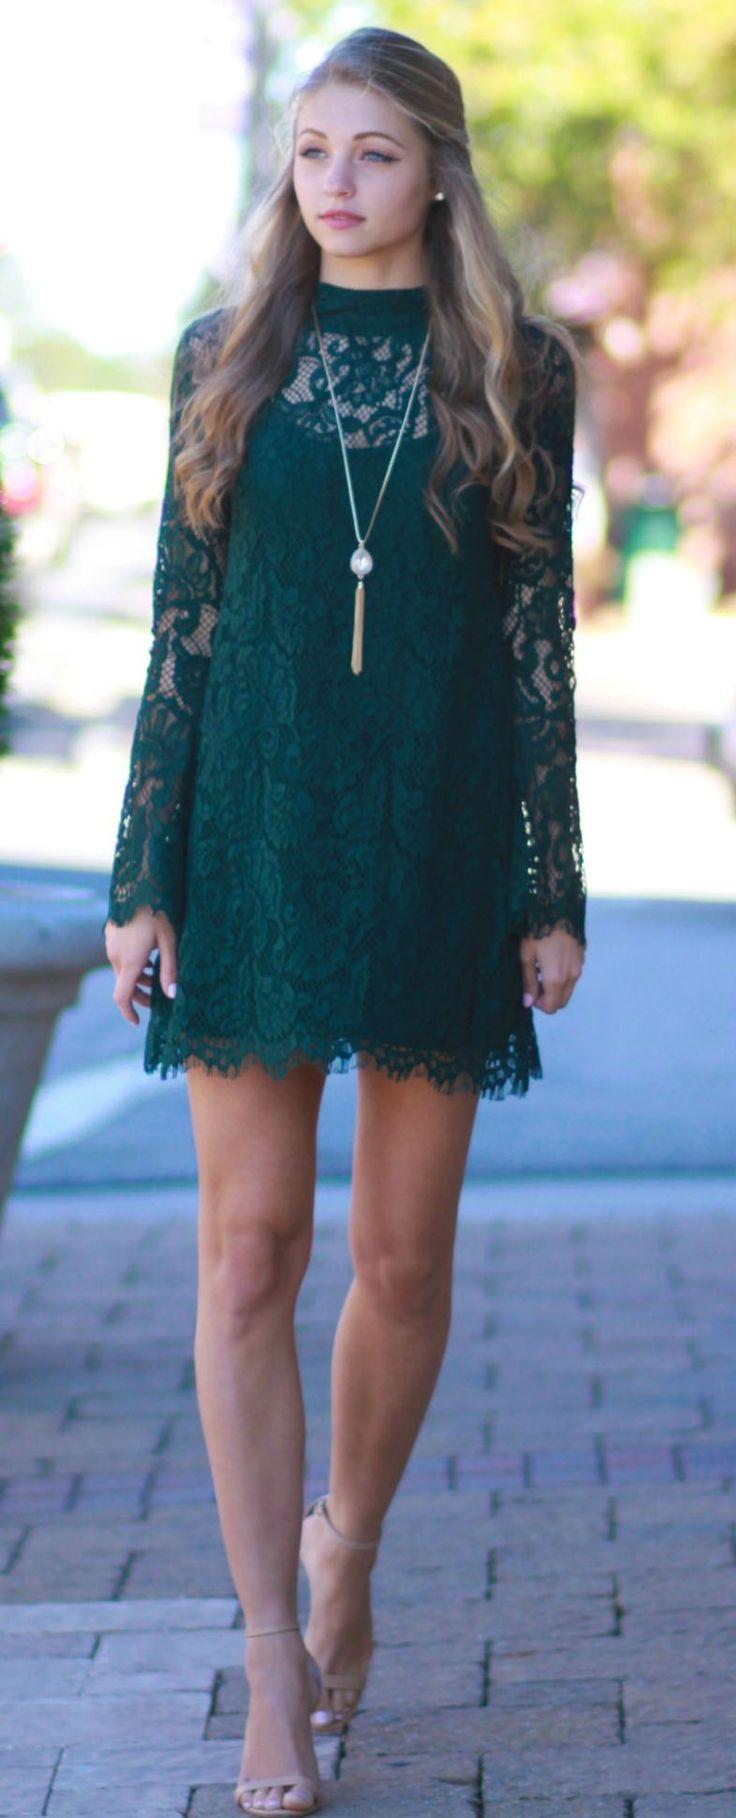 Fall Formal Dresses | All Dress